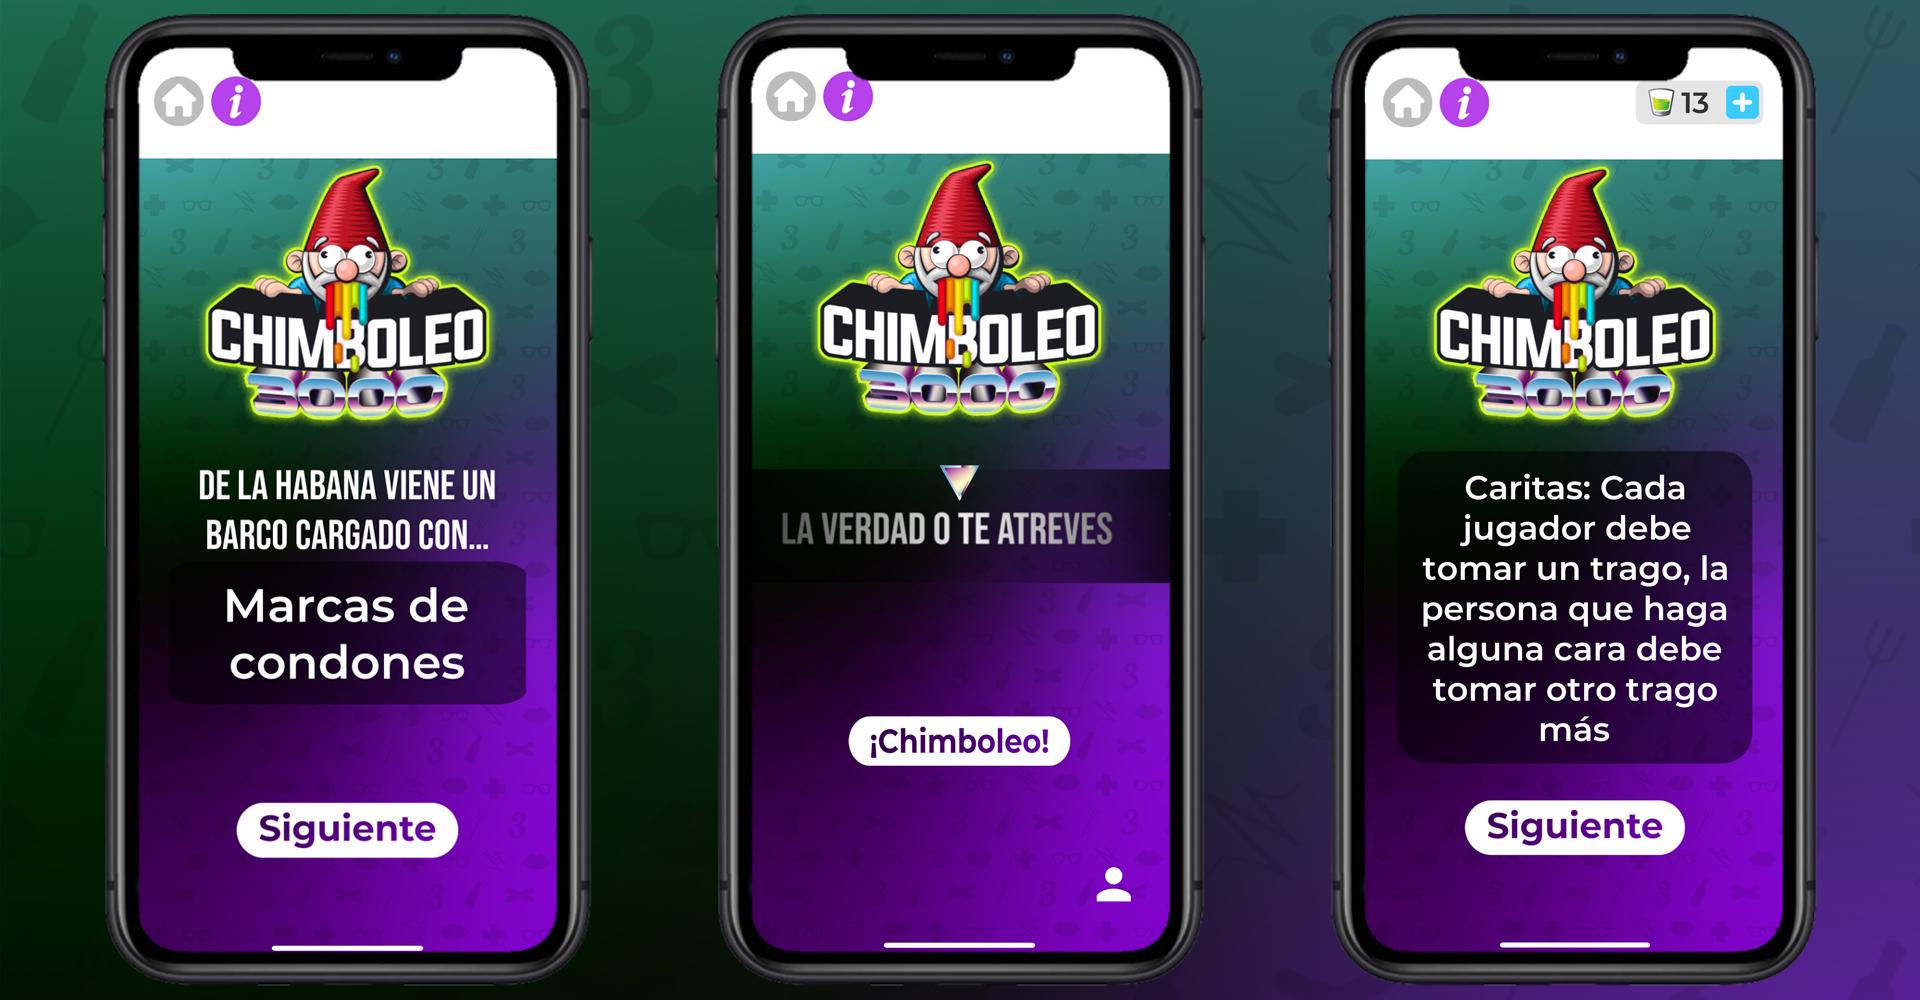 Pantallazos del juego Chimboleo de A beber app